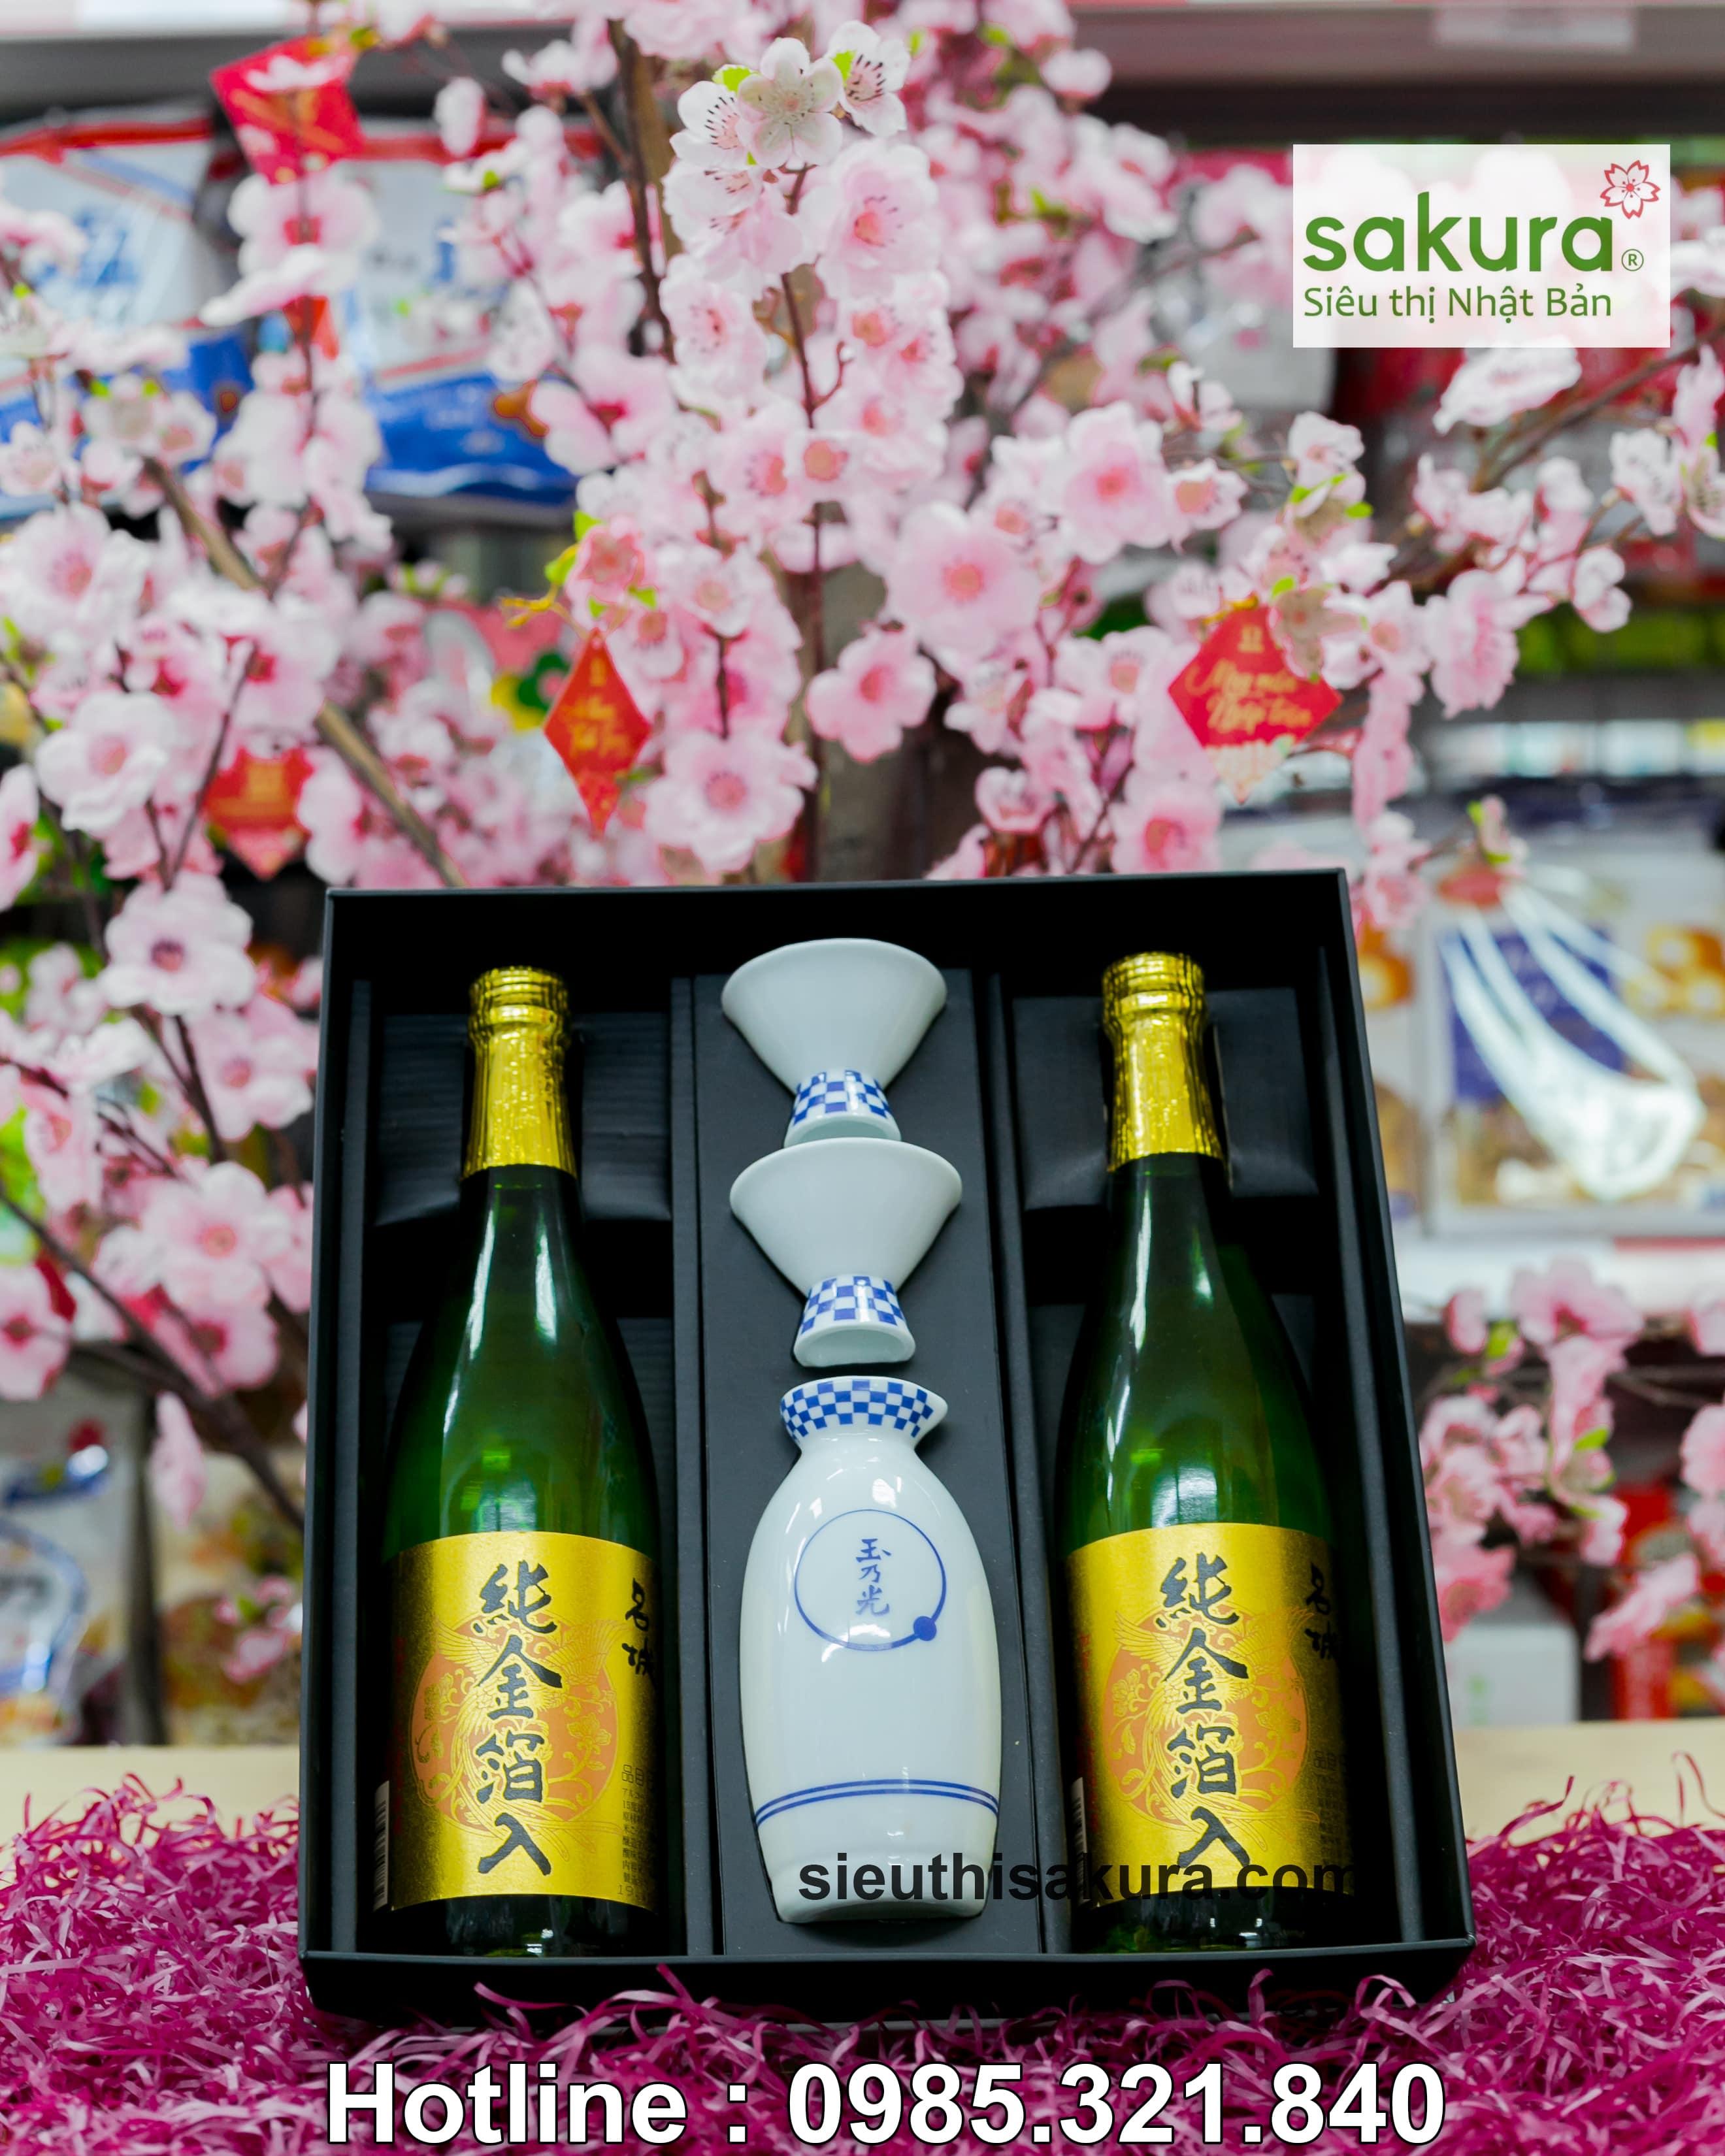 Hộp rượu cao cấp: Set 2 rượu sake vẩy vàng Meijyo Jyun Kinpaku 720ml